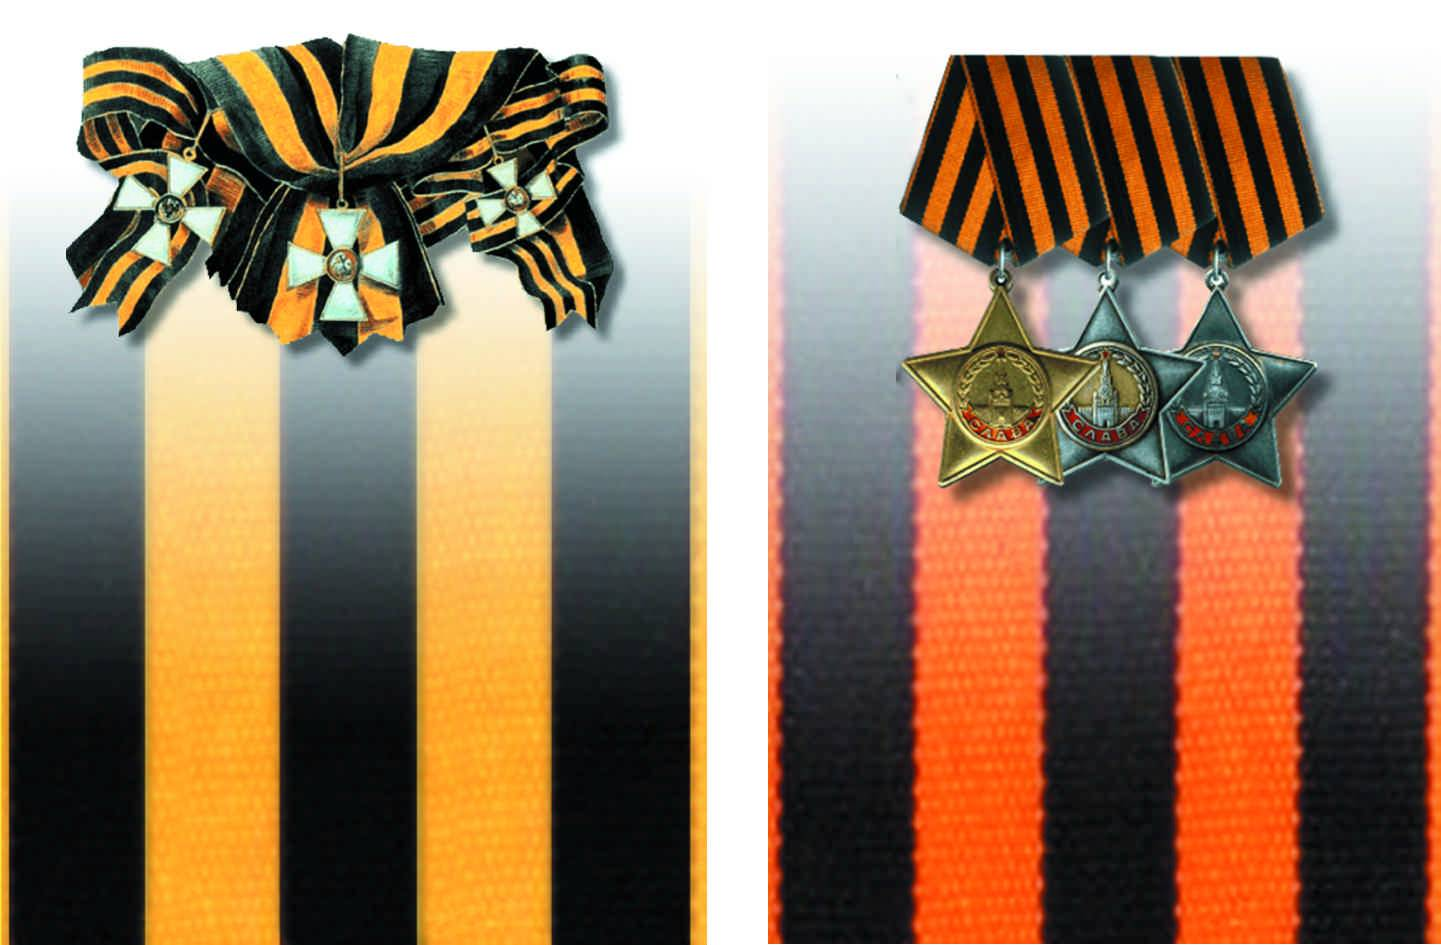 Как правильно носить георгиевскую ленту и еще 9 трудных вопросов о самом массовом символе победы - новости - 66.ru